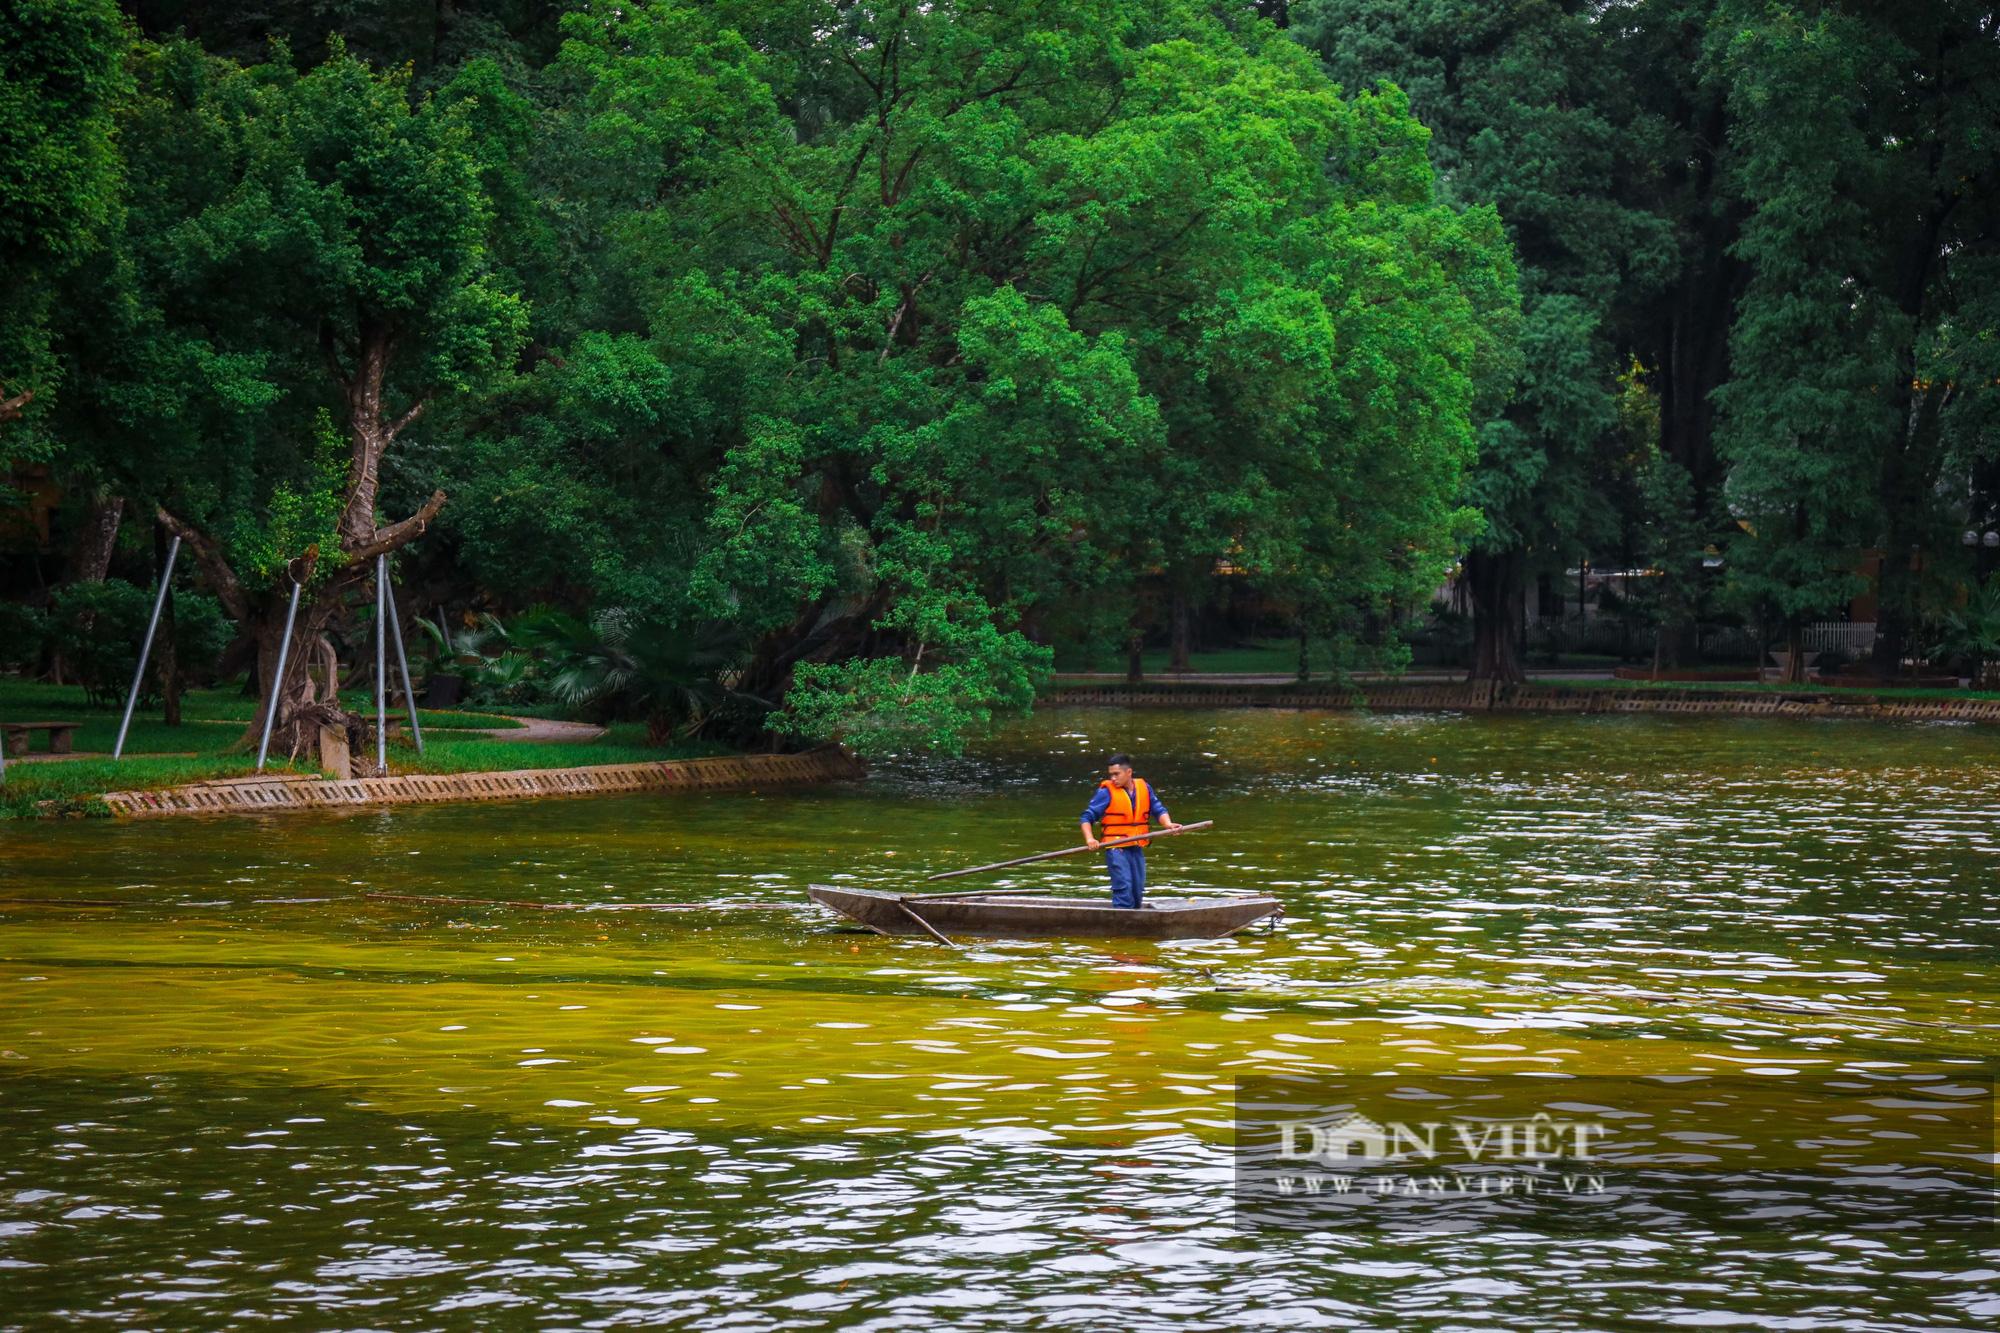 Hà Nội: Mặt nước hồ Bách Thảo bất ngờ chuyển màu vàng lạ mắt - Ảnh 12.